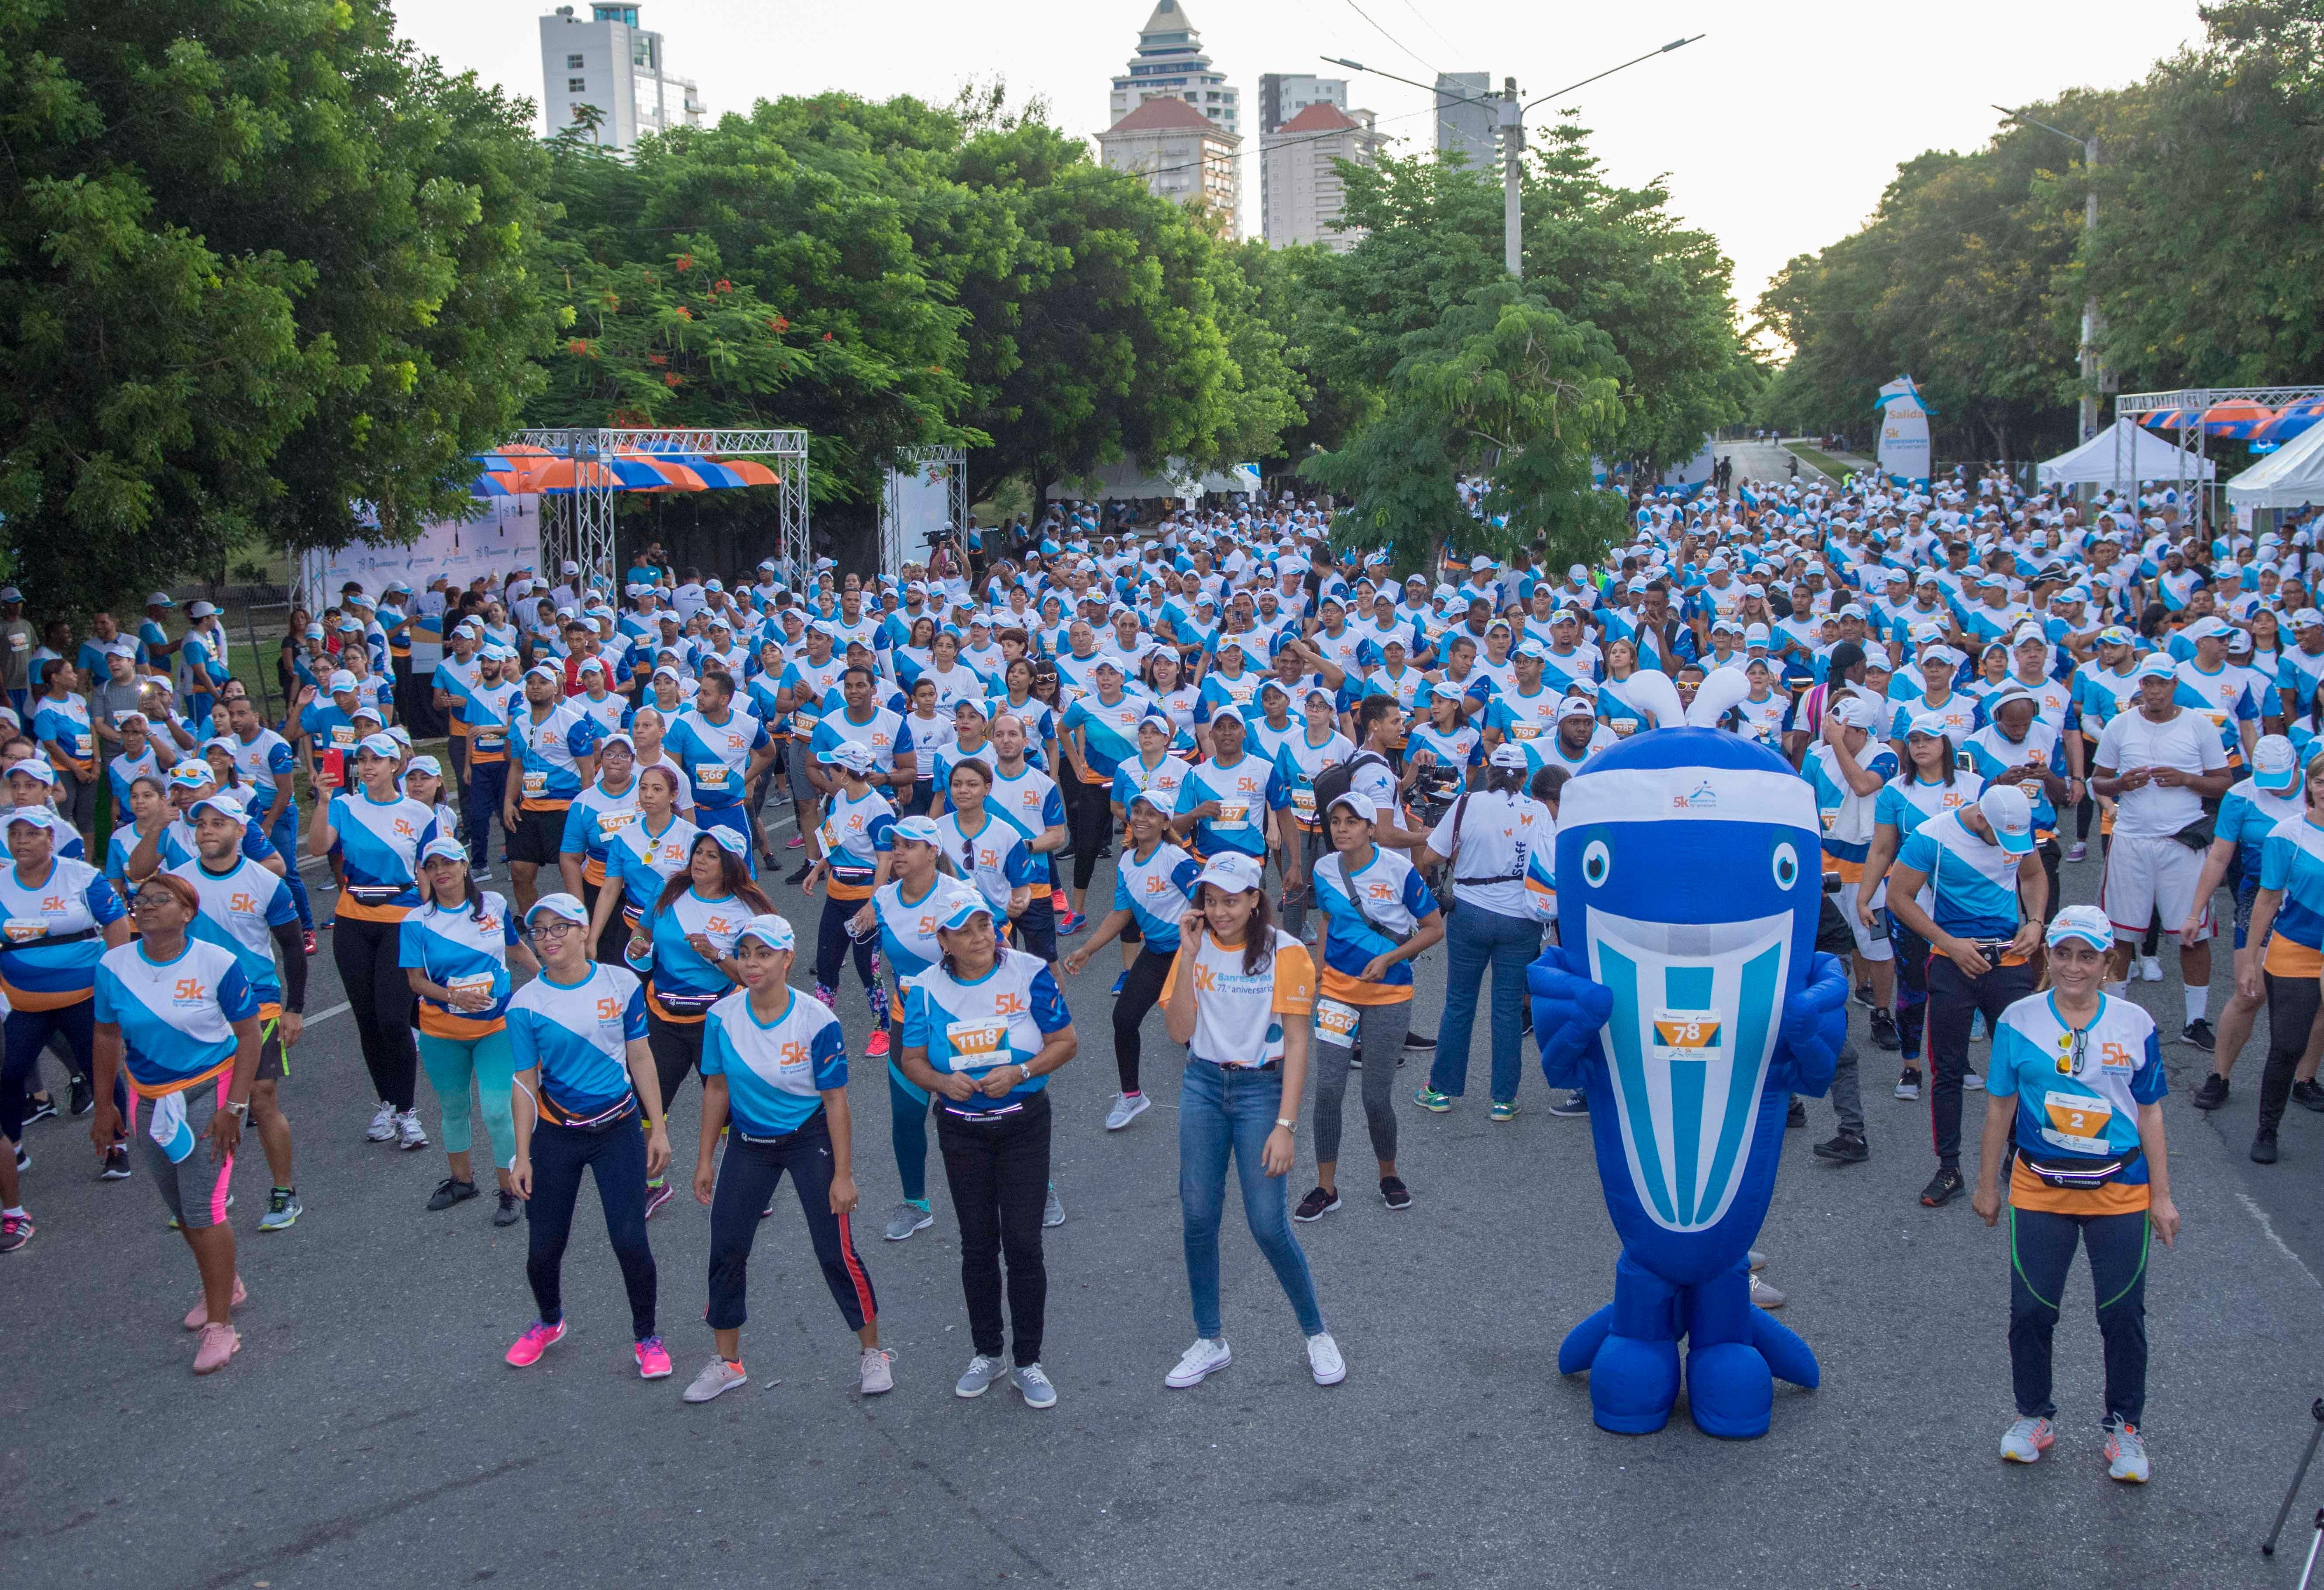 Voluntariado Banreservas celebra segunda edición 5k